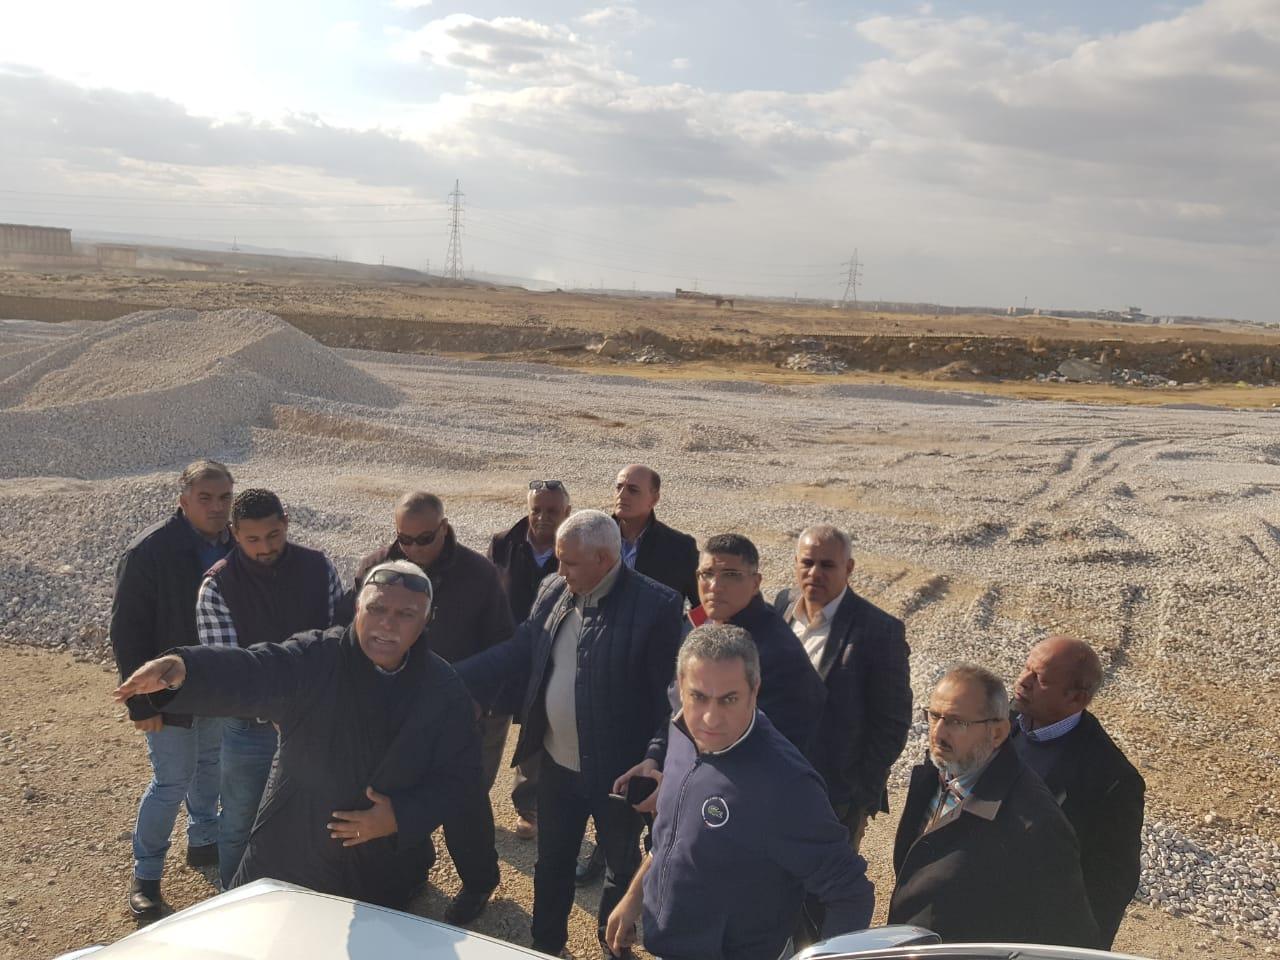 نائب وزير الإسكان يتفقد عدد من مشروعات مدينة القاهرة الجديدة (4)